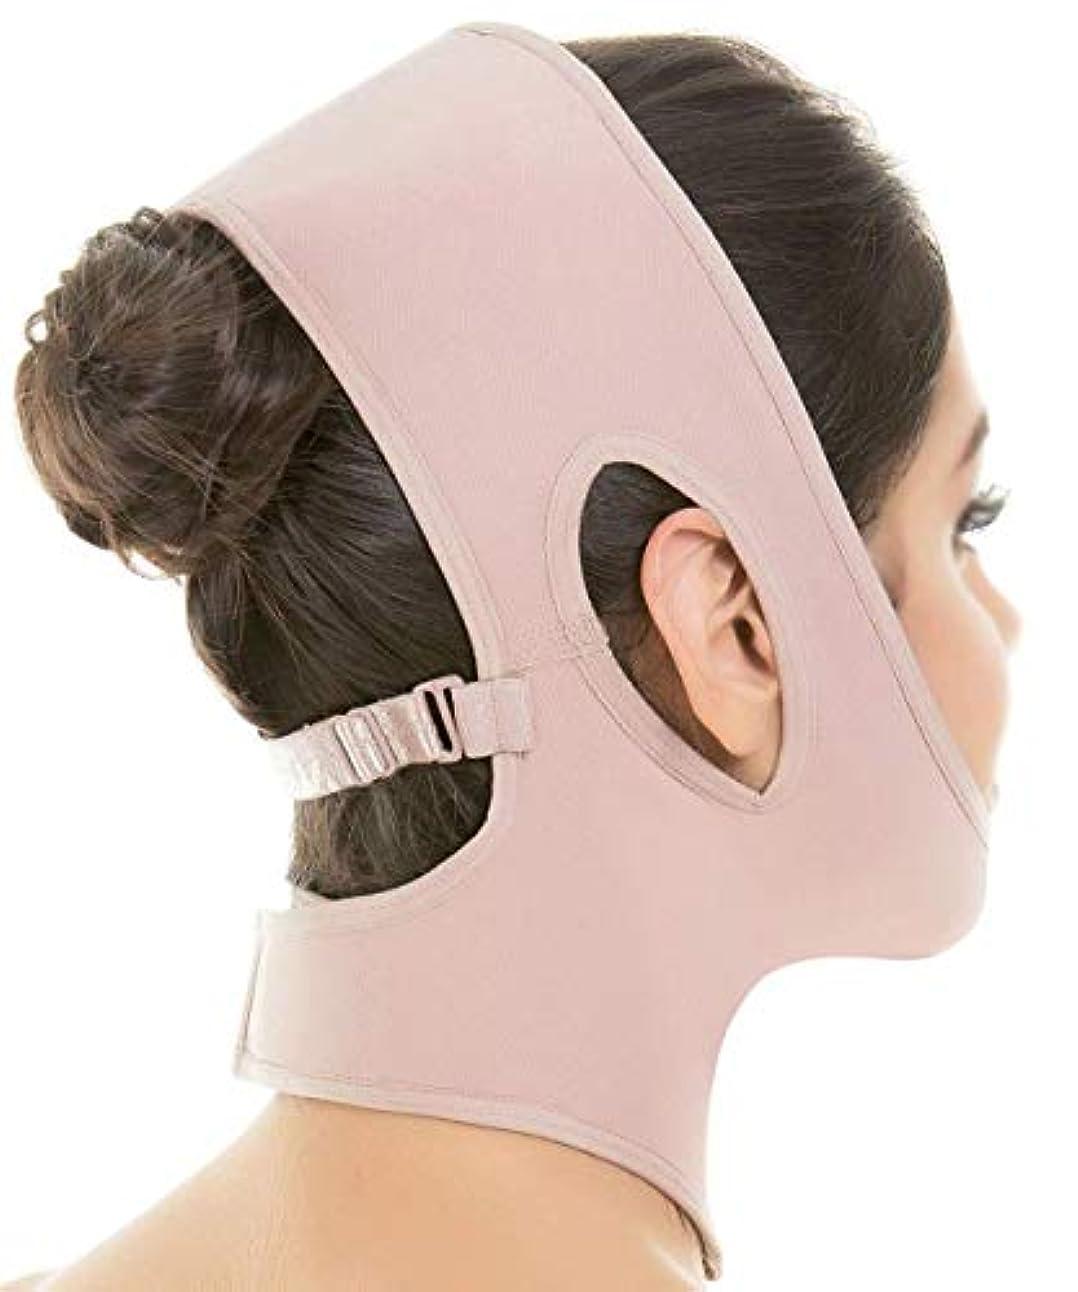 追加する乳消化器フェイスリフトマスク、シリコンVフェイスマスクリフティングフェイスマスクフェイスリフティングアーティファクトリフティングダブルチン術後包帯フェイスアンドネックリフト(カラー:ブラック),褐色